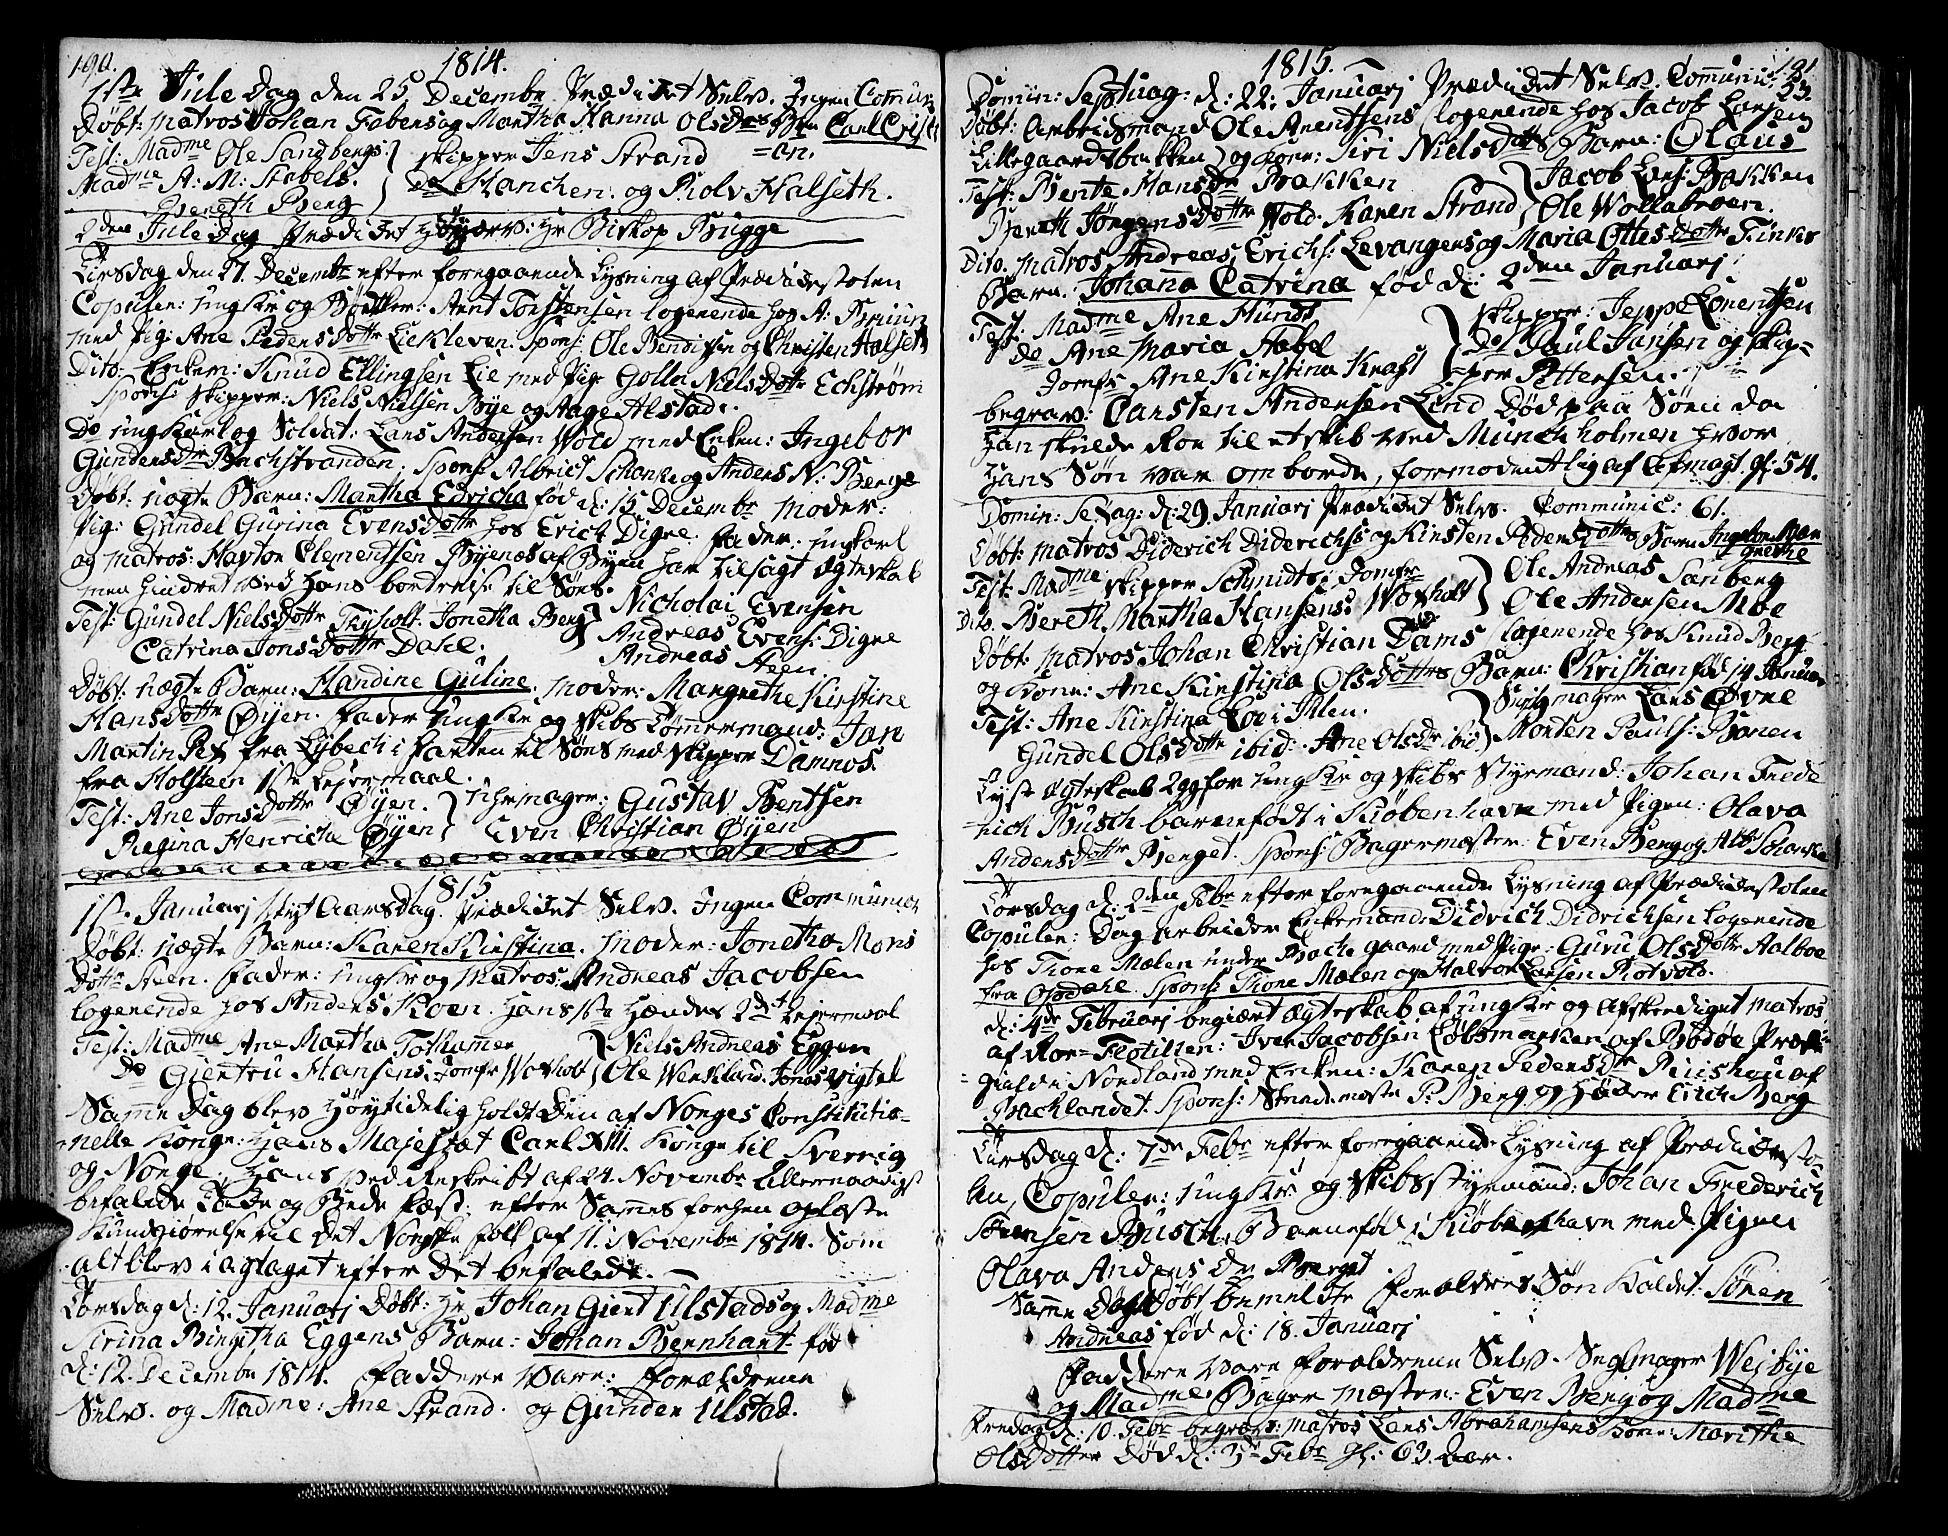 SAT, Ministerialprotokoller, klokkerbøker og fødselsregistre - Sør-Trøndelag, 604/L0181: Ministerialbok nr. 604A02, 1798-1817, s. 190-191